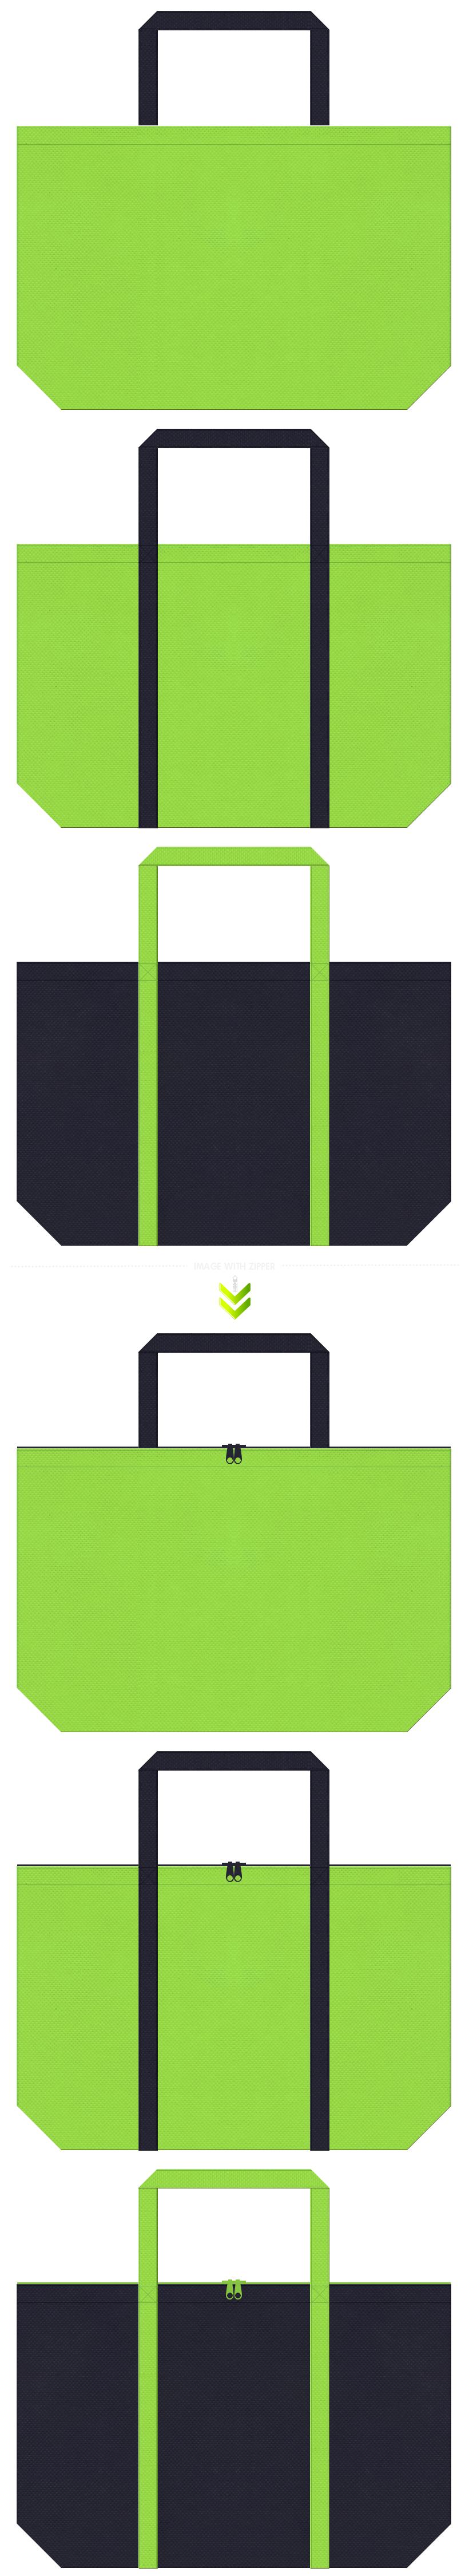 黄緑色と濃緑色の不織布エコバッグのデザイン。ランドリーバッグにお奨めの配色です。